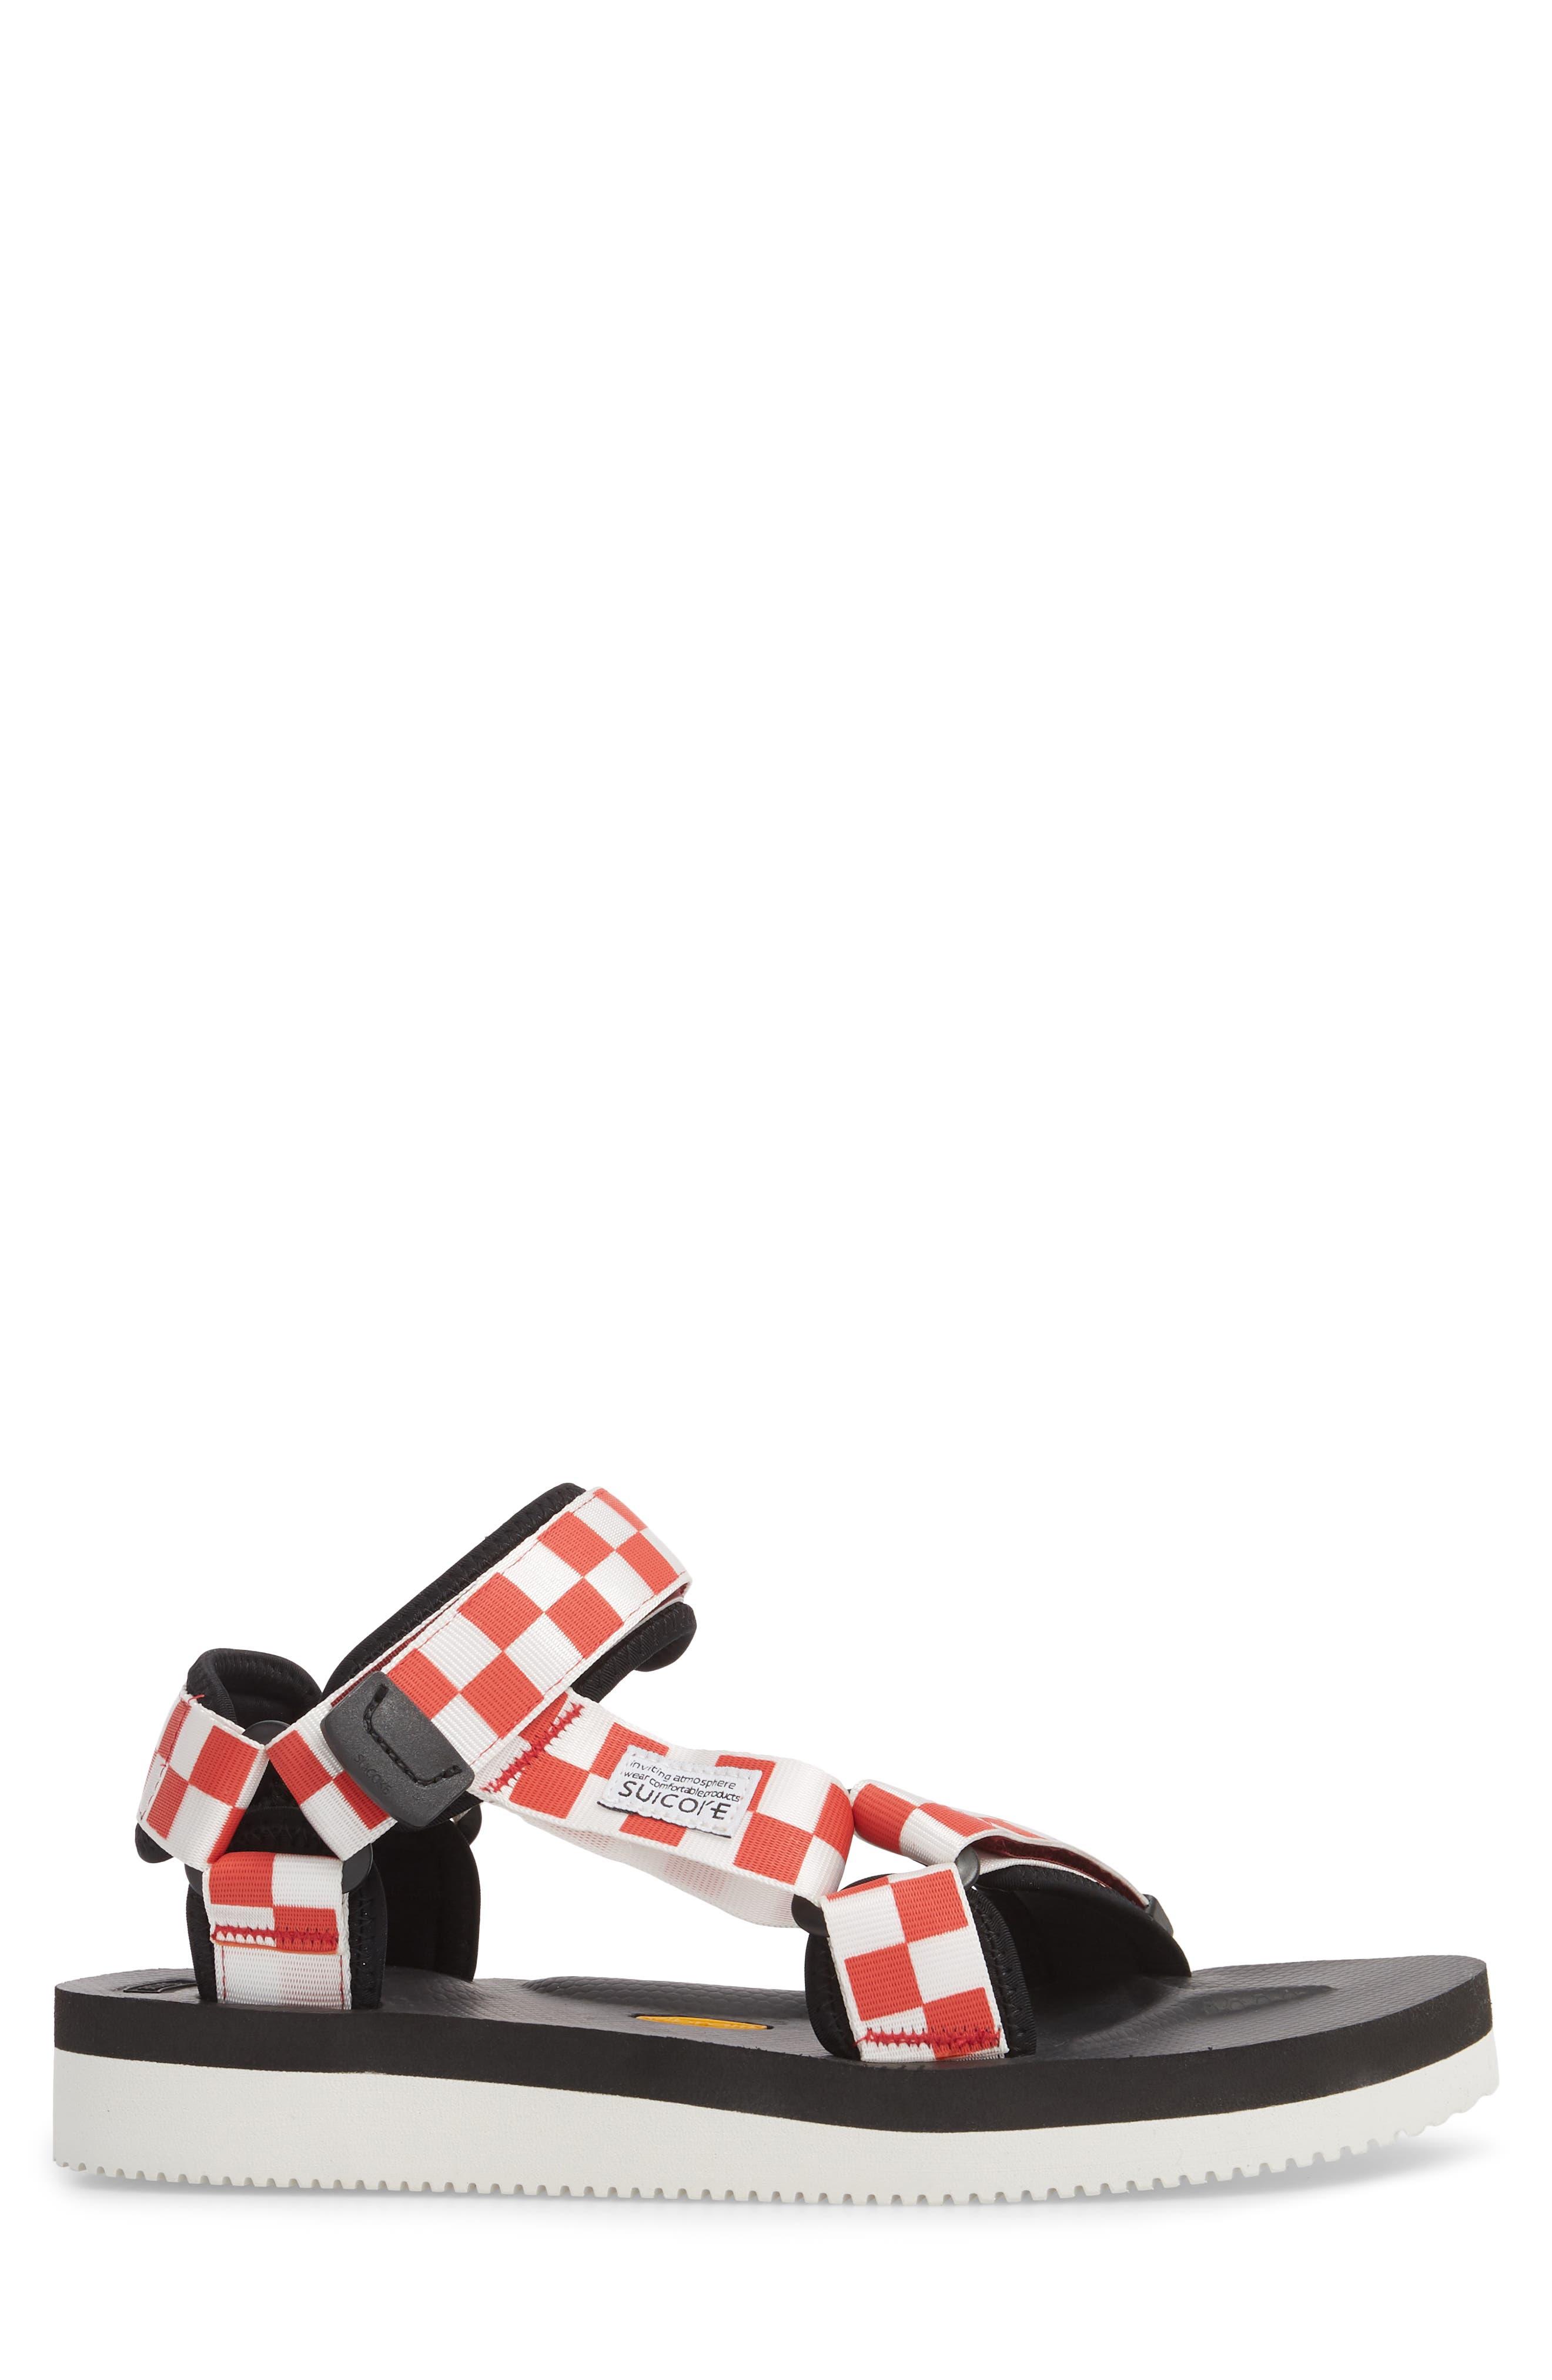 Depa Sport Sandal,                             Alternate thumbnail 3, color,                             Red